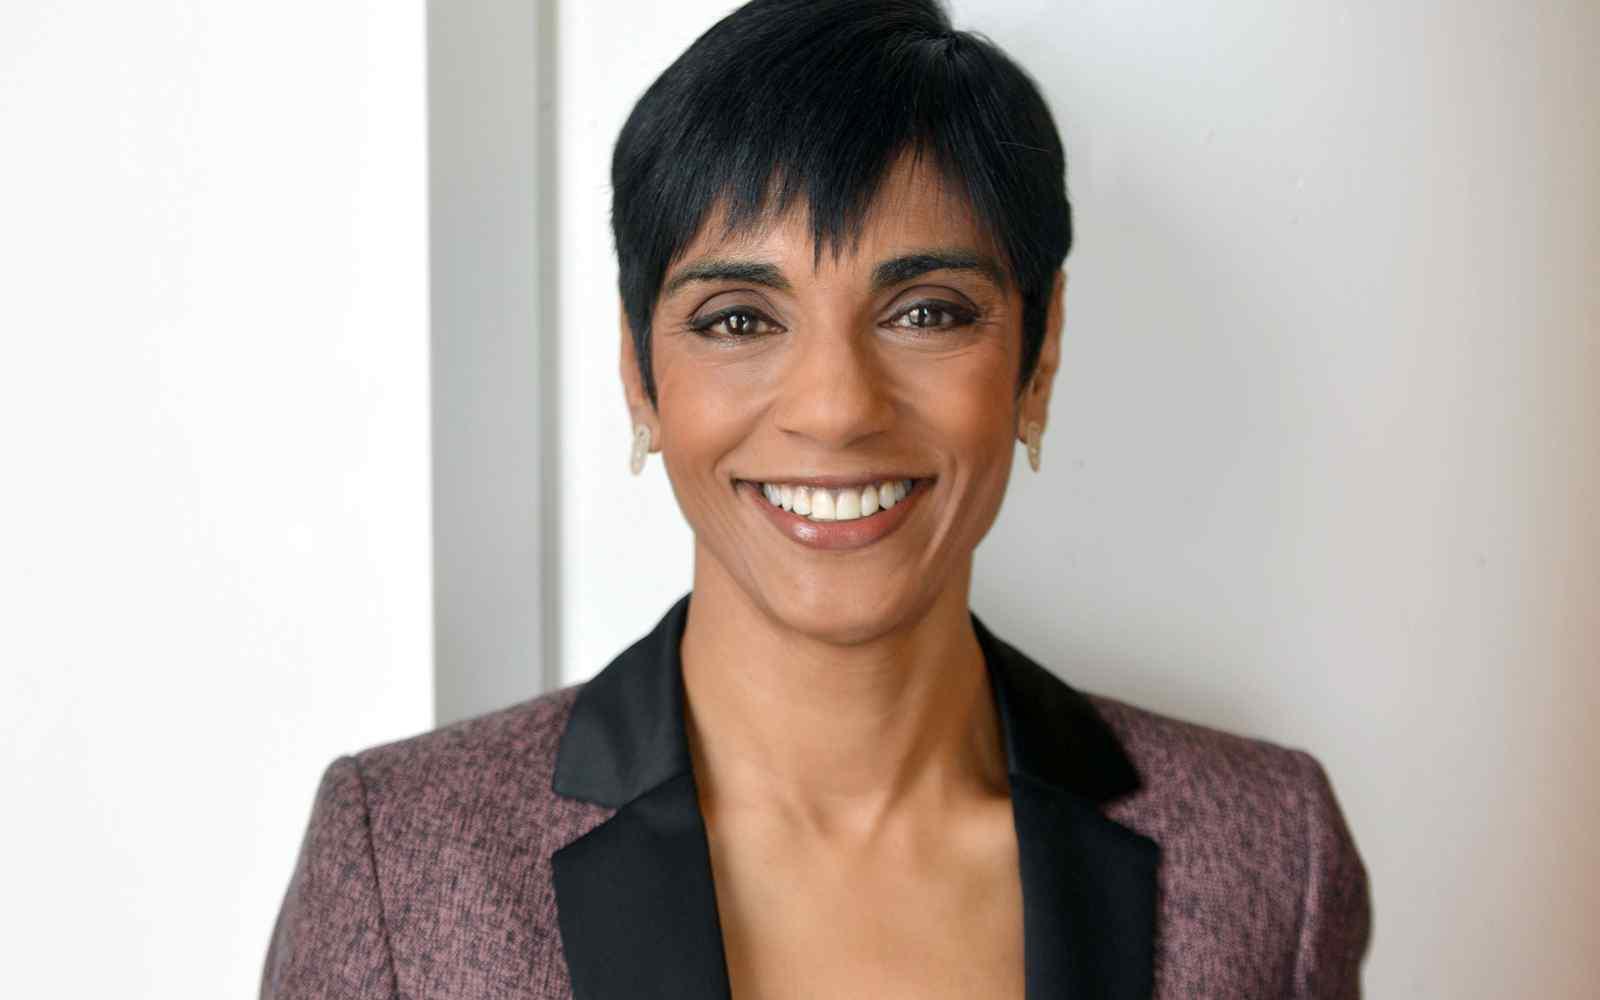 Close up profile headshot of Reeta Chakrabarti